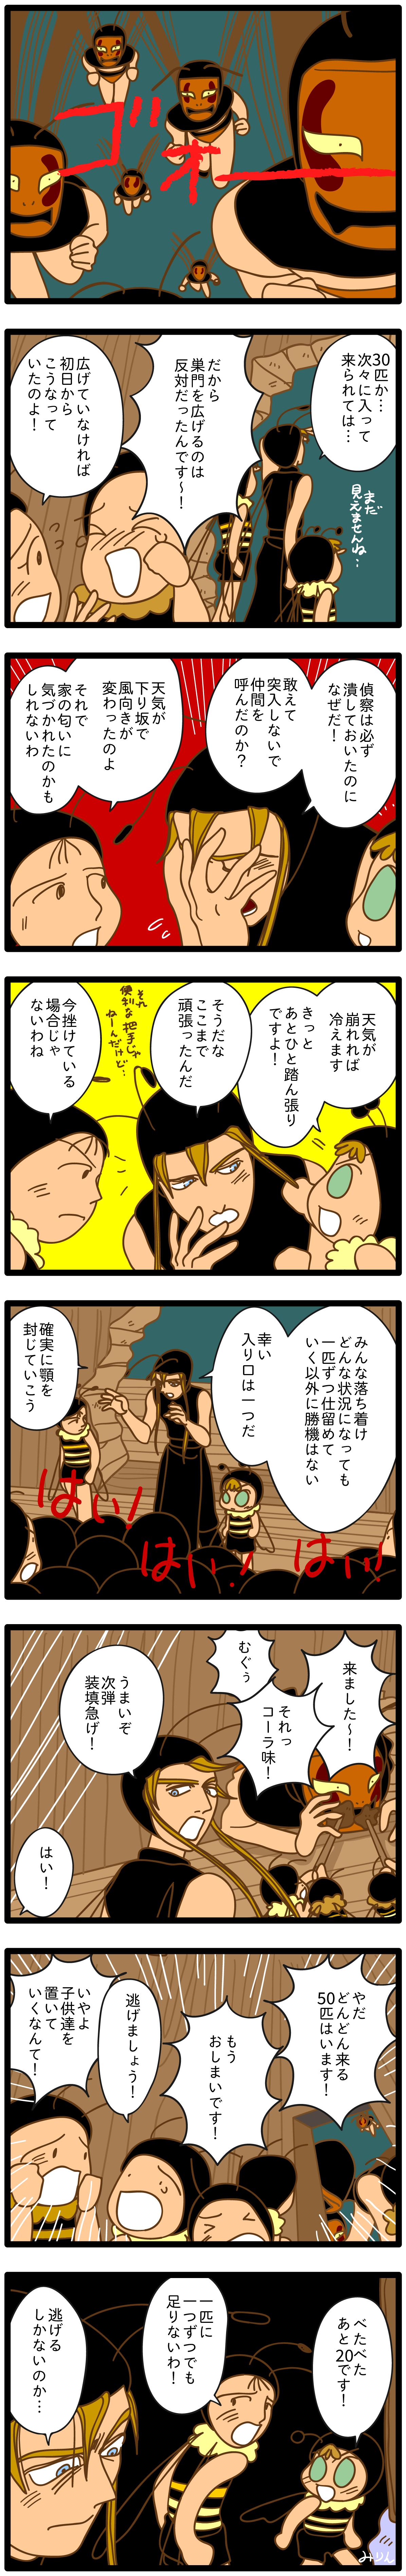 124. 晩秋の防衛戦(14)